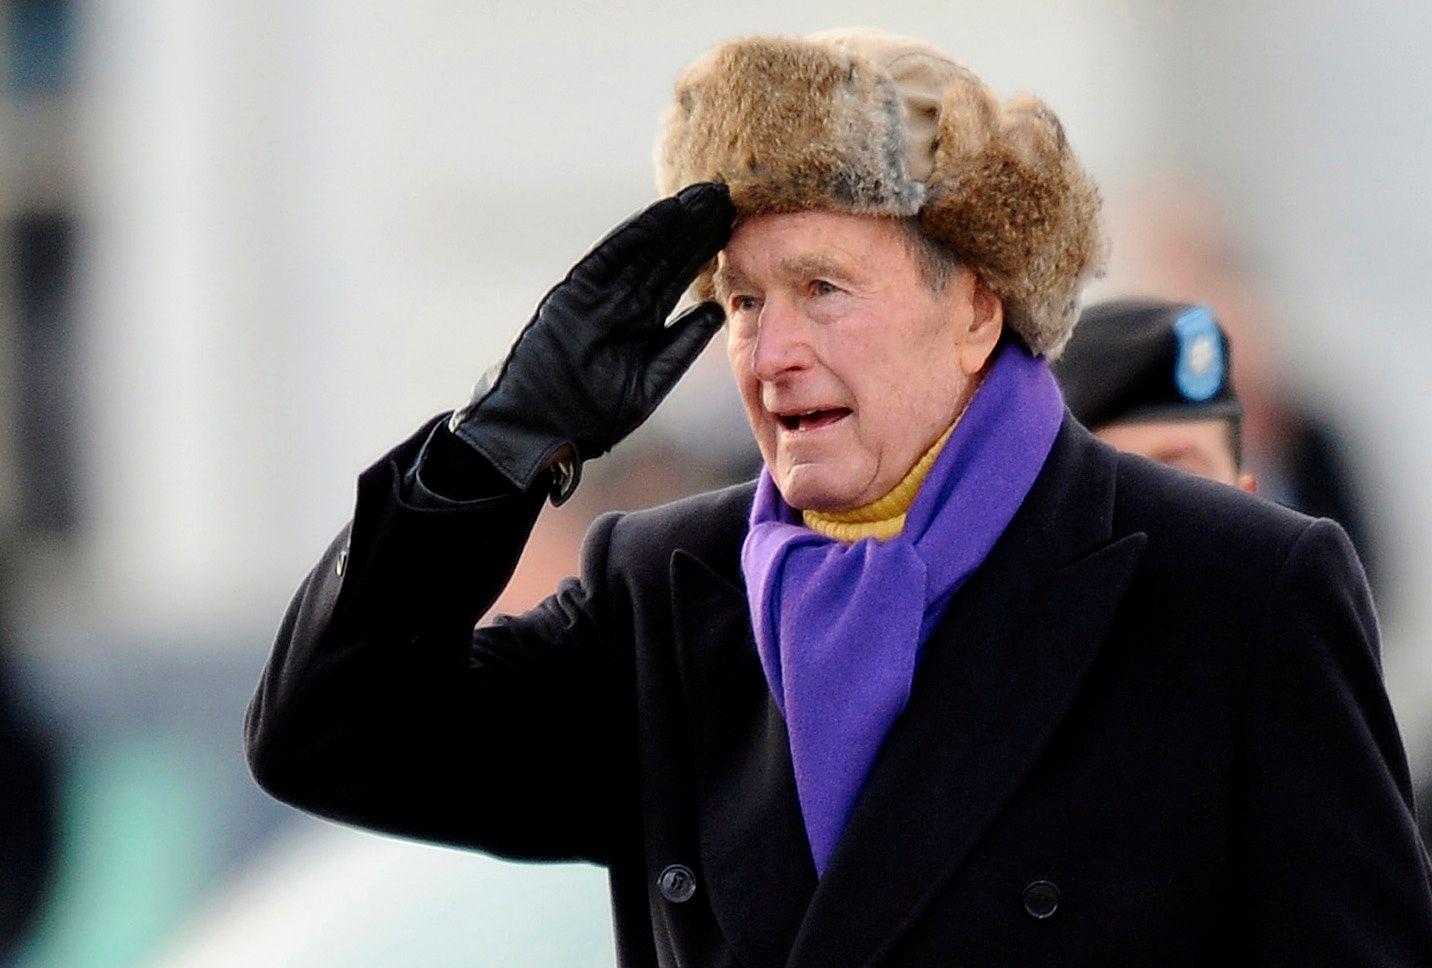 MØTTE OPP FOR OBAMA: Tidligere president George H.W. Bush utenfor Kongressen i Washington på dagen da tidligere president Barack Obama inntok Det hvite hus i 2009.